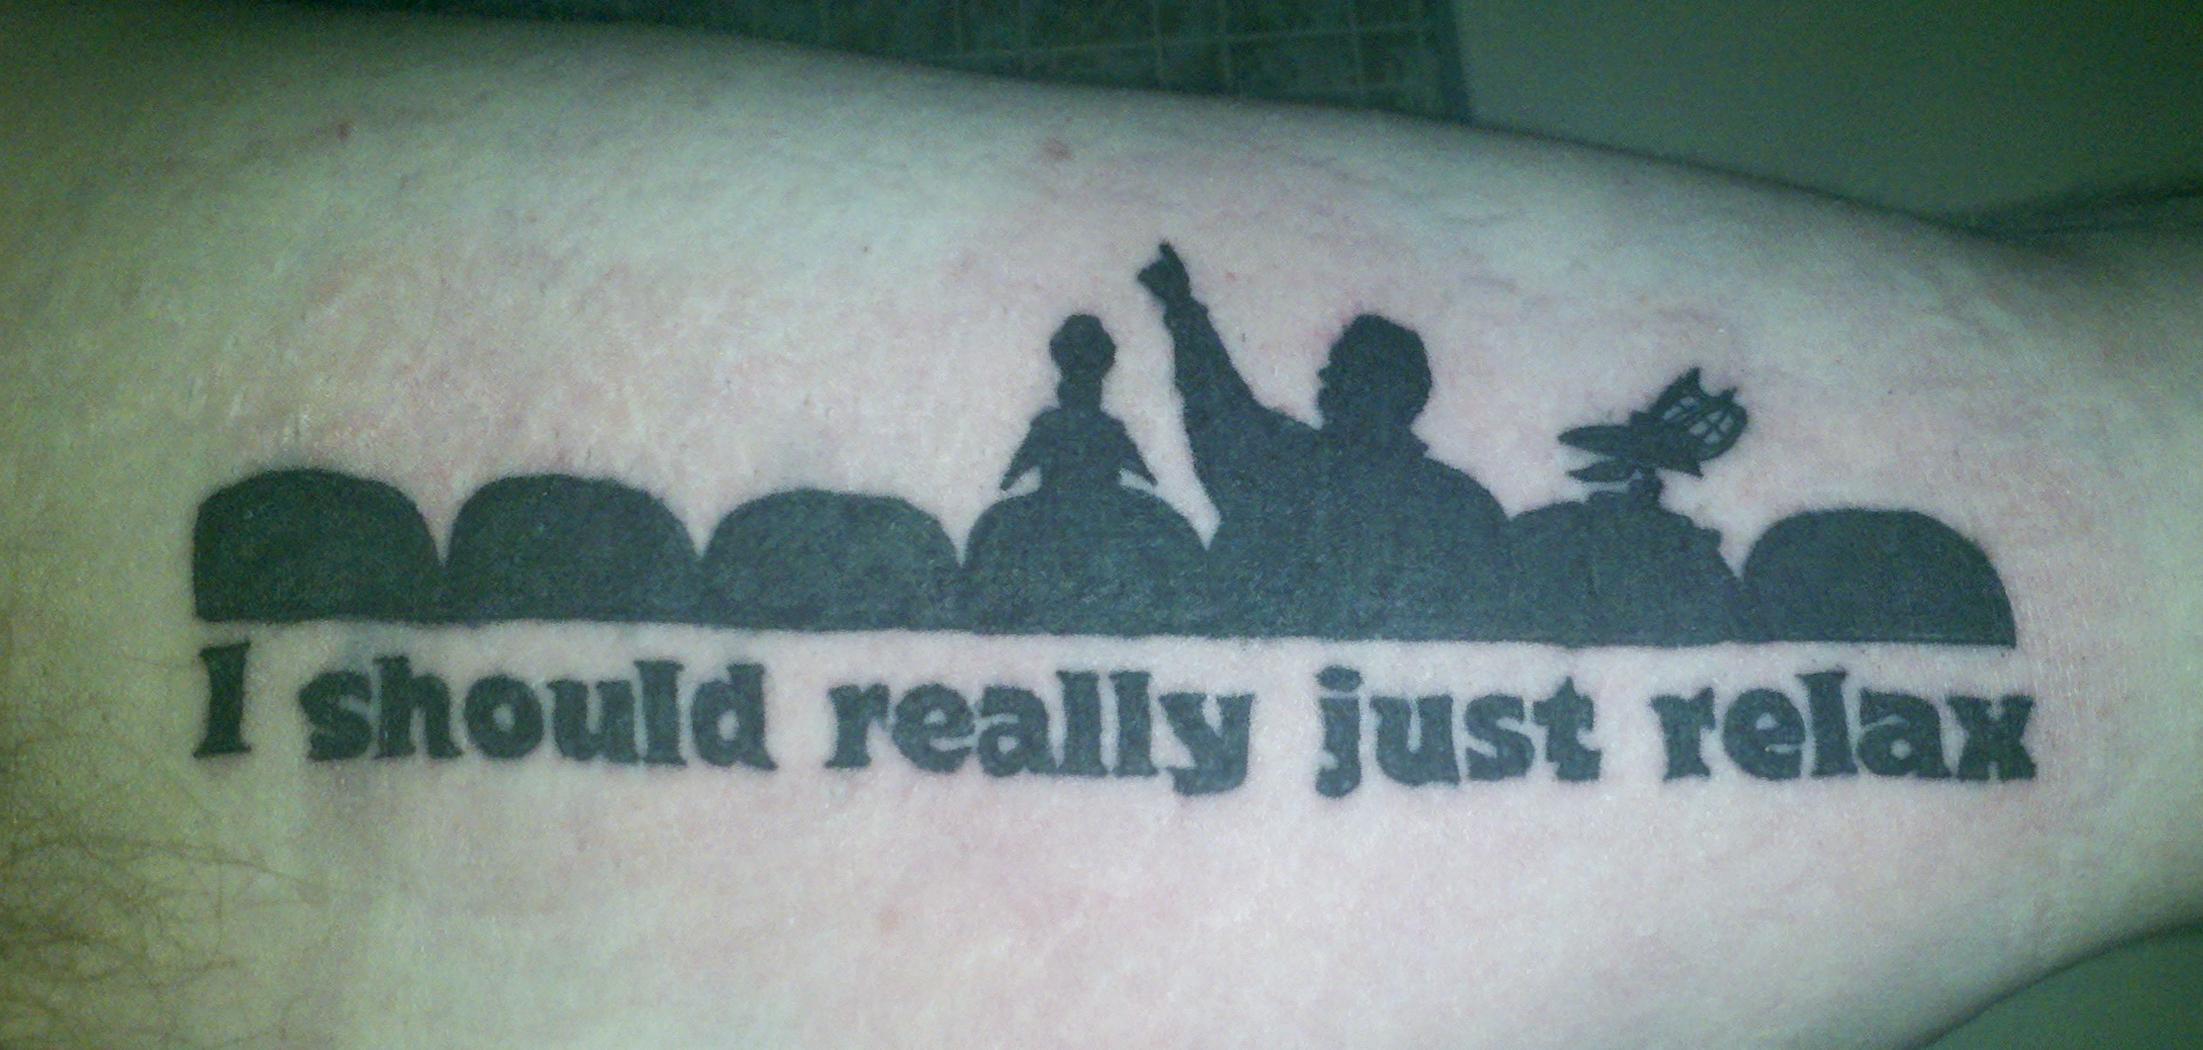 Mst3k i should really just relax tattoo for Tom servo tattoo